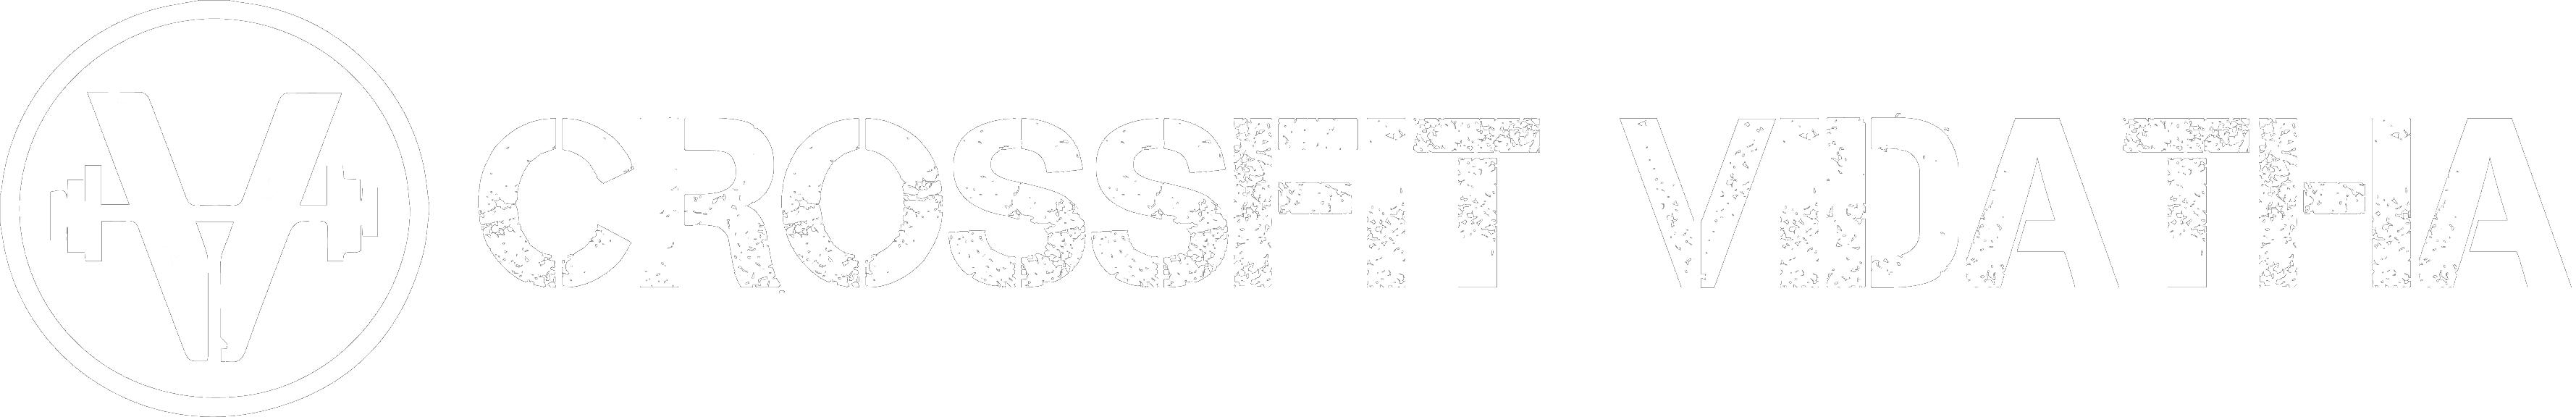 CrossFit Vidatha